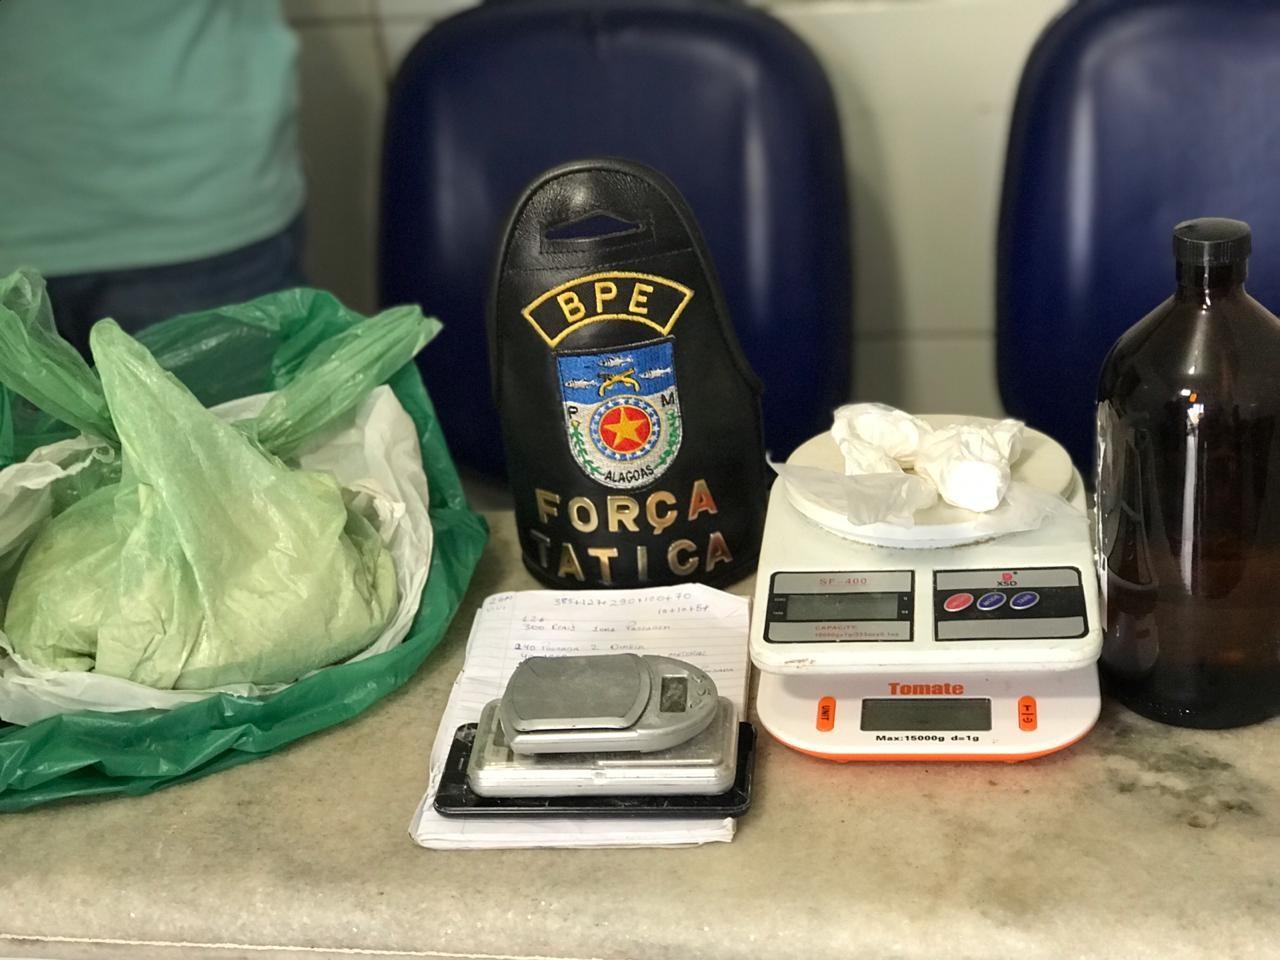 Jovem é preso com 1 kg de cocaína no bairro de Jacarecica, em Maceió - Notícias - Plantão Diário